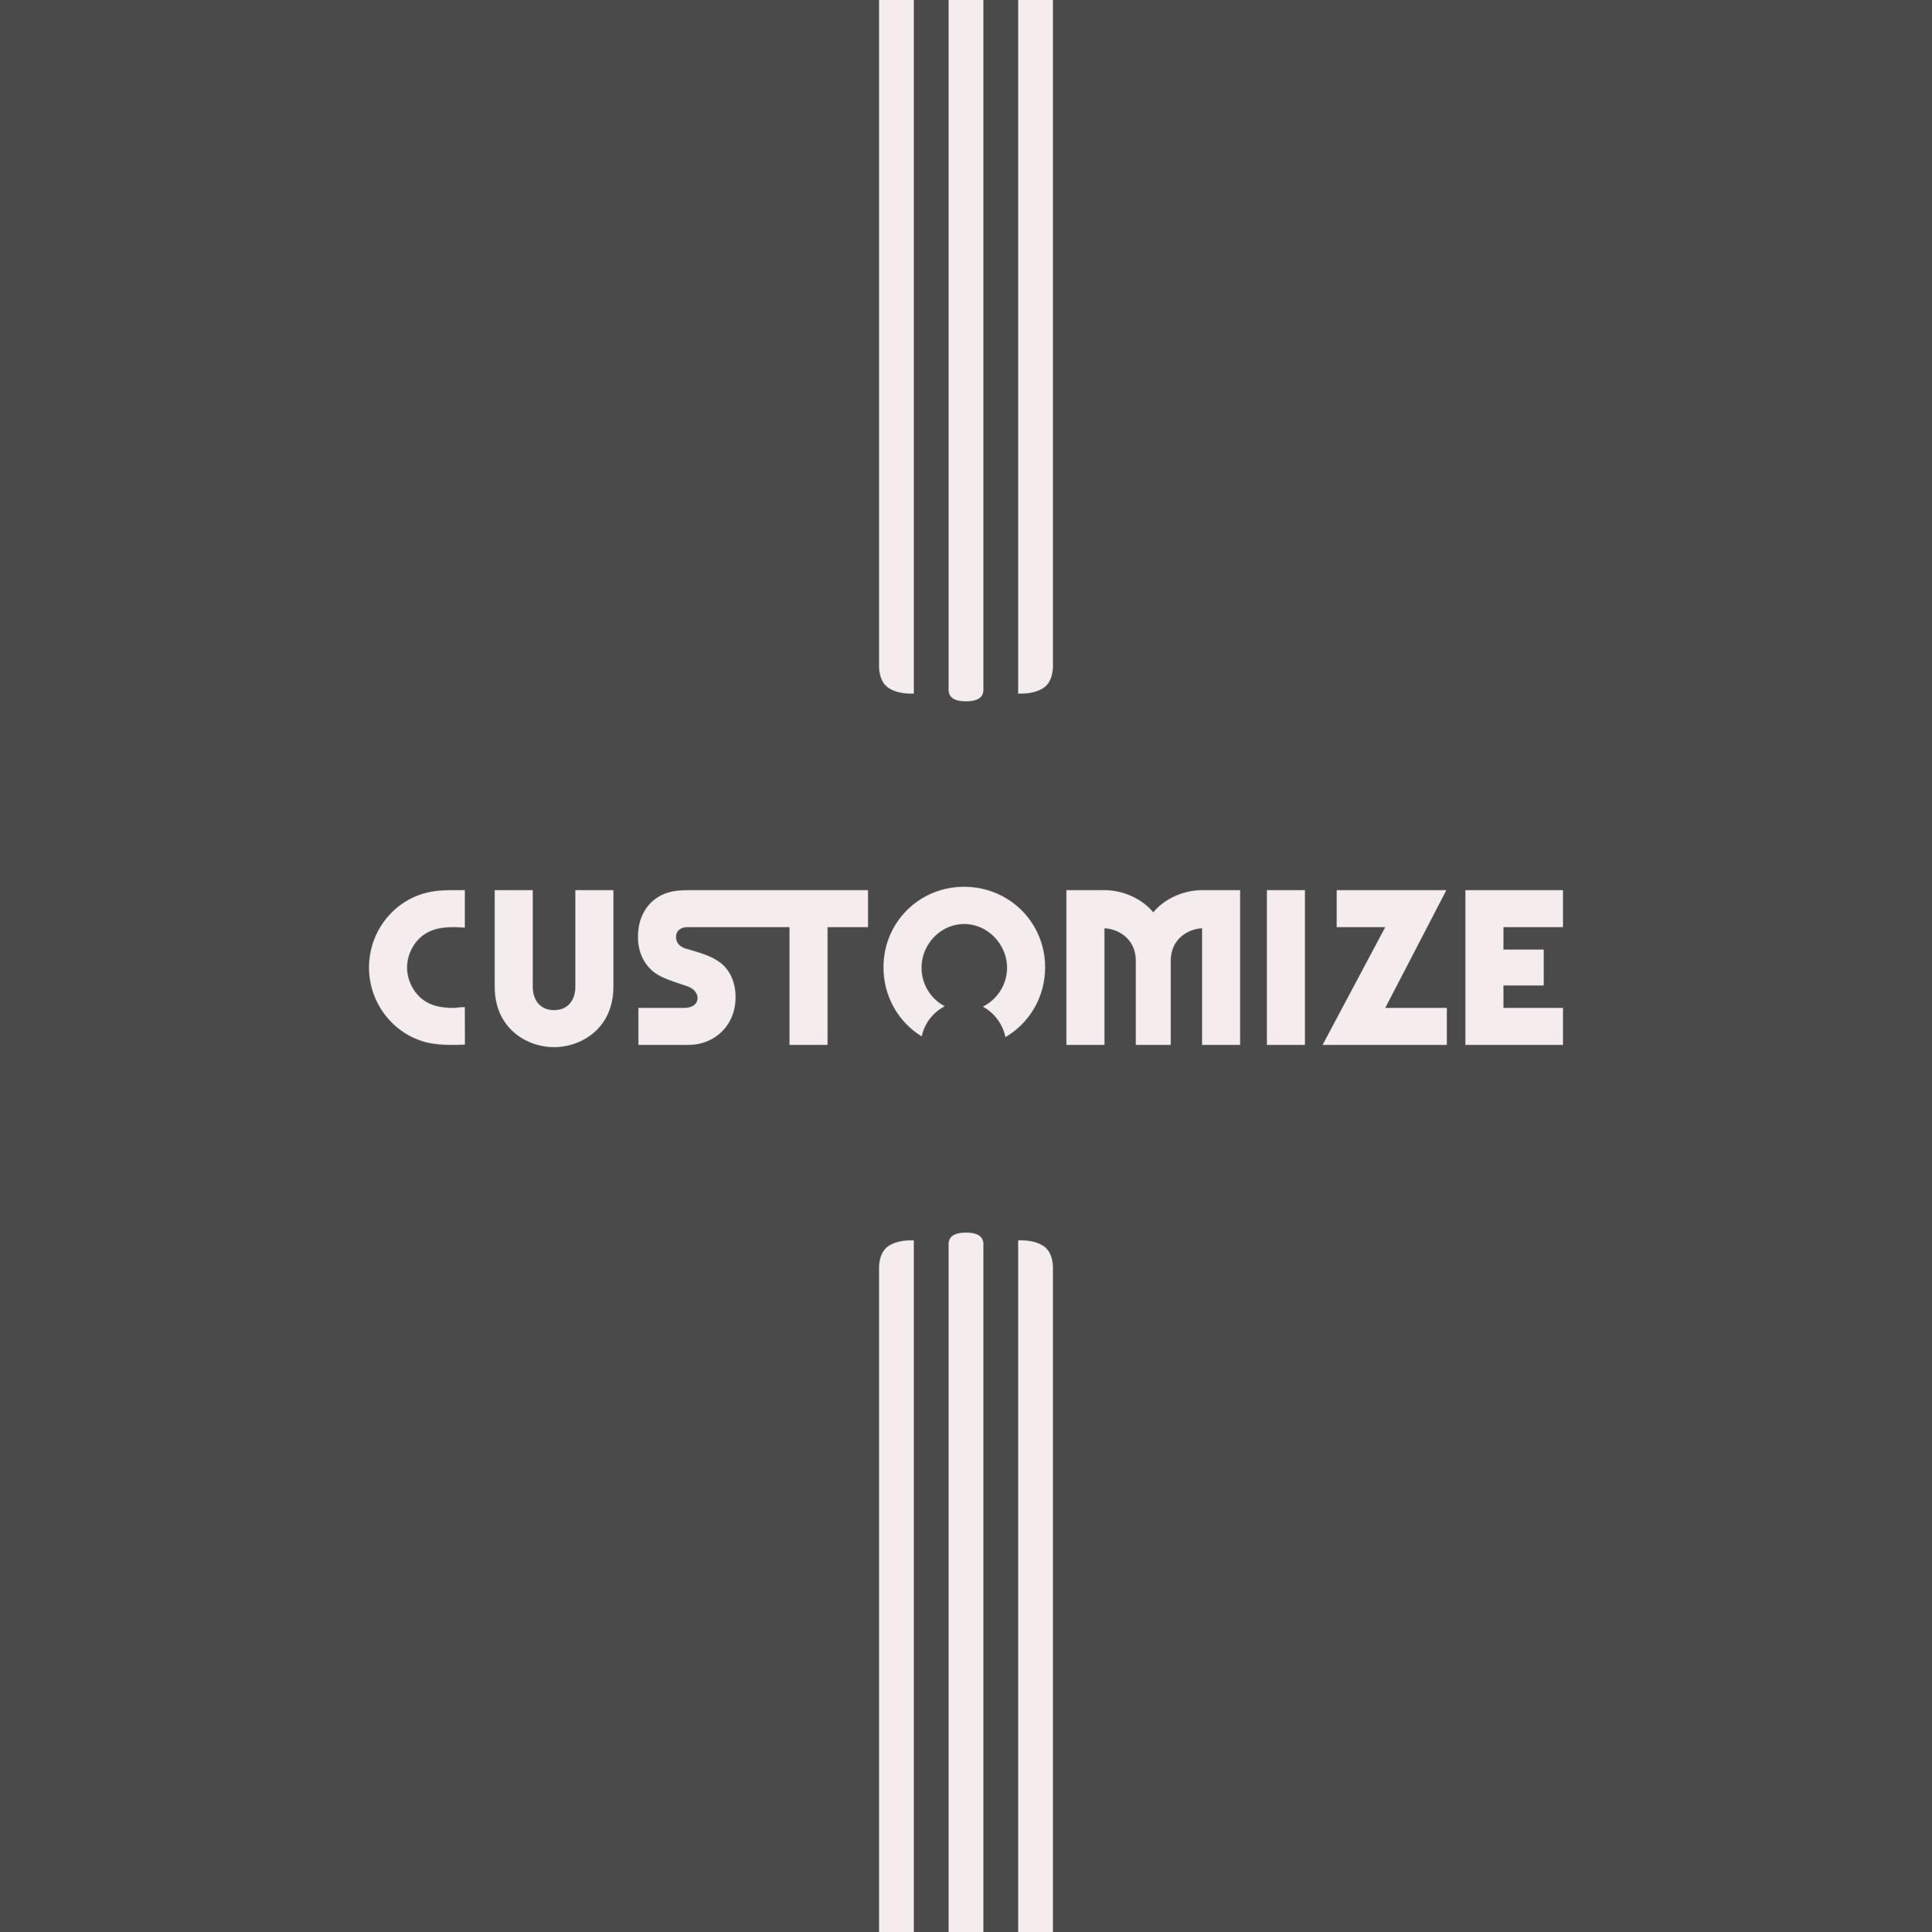 customize-logo-lg.png